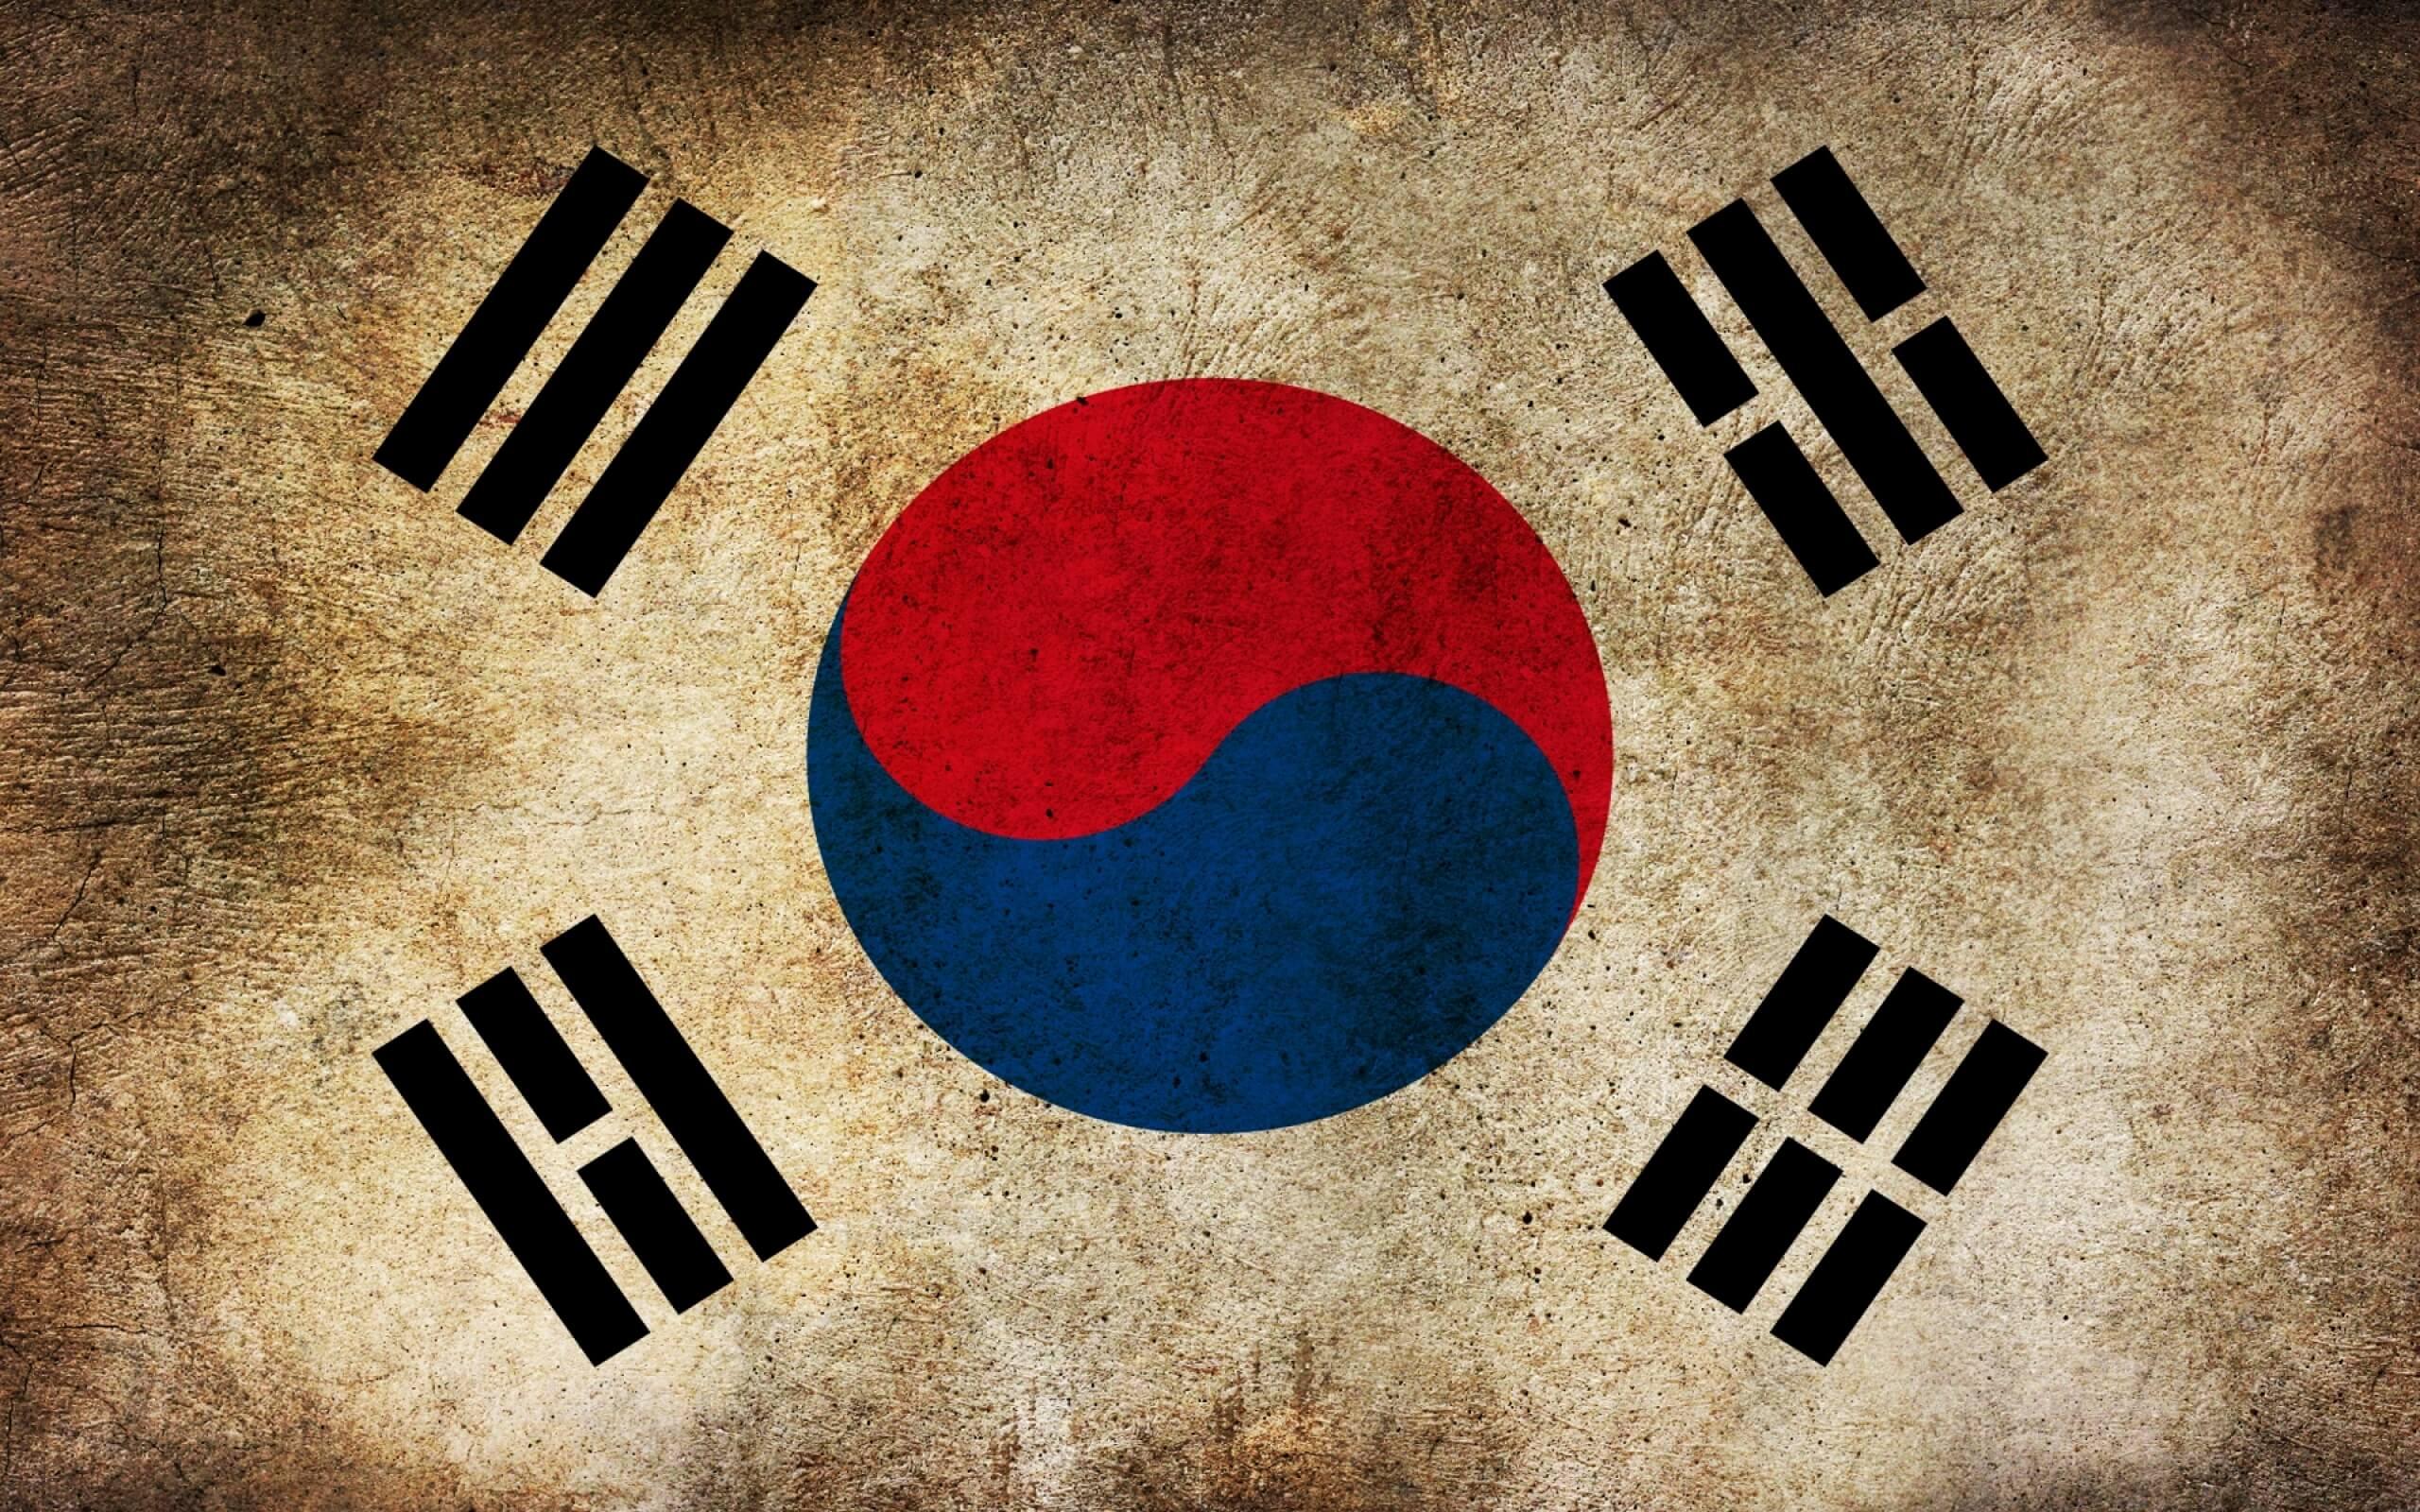 Aprendizados da Coreia do Sul – Assertividade com Cortesia